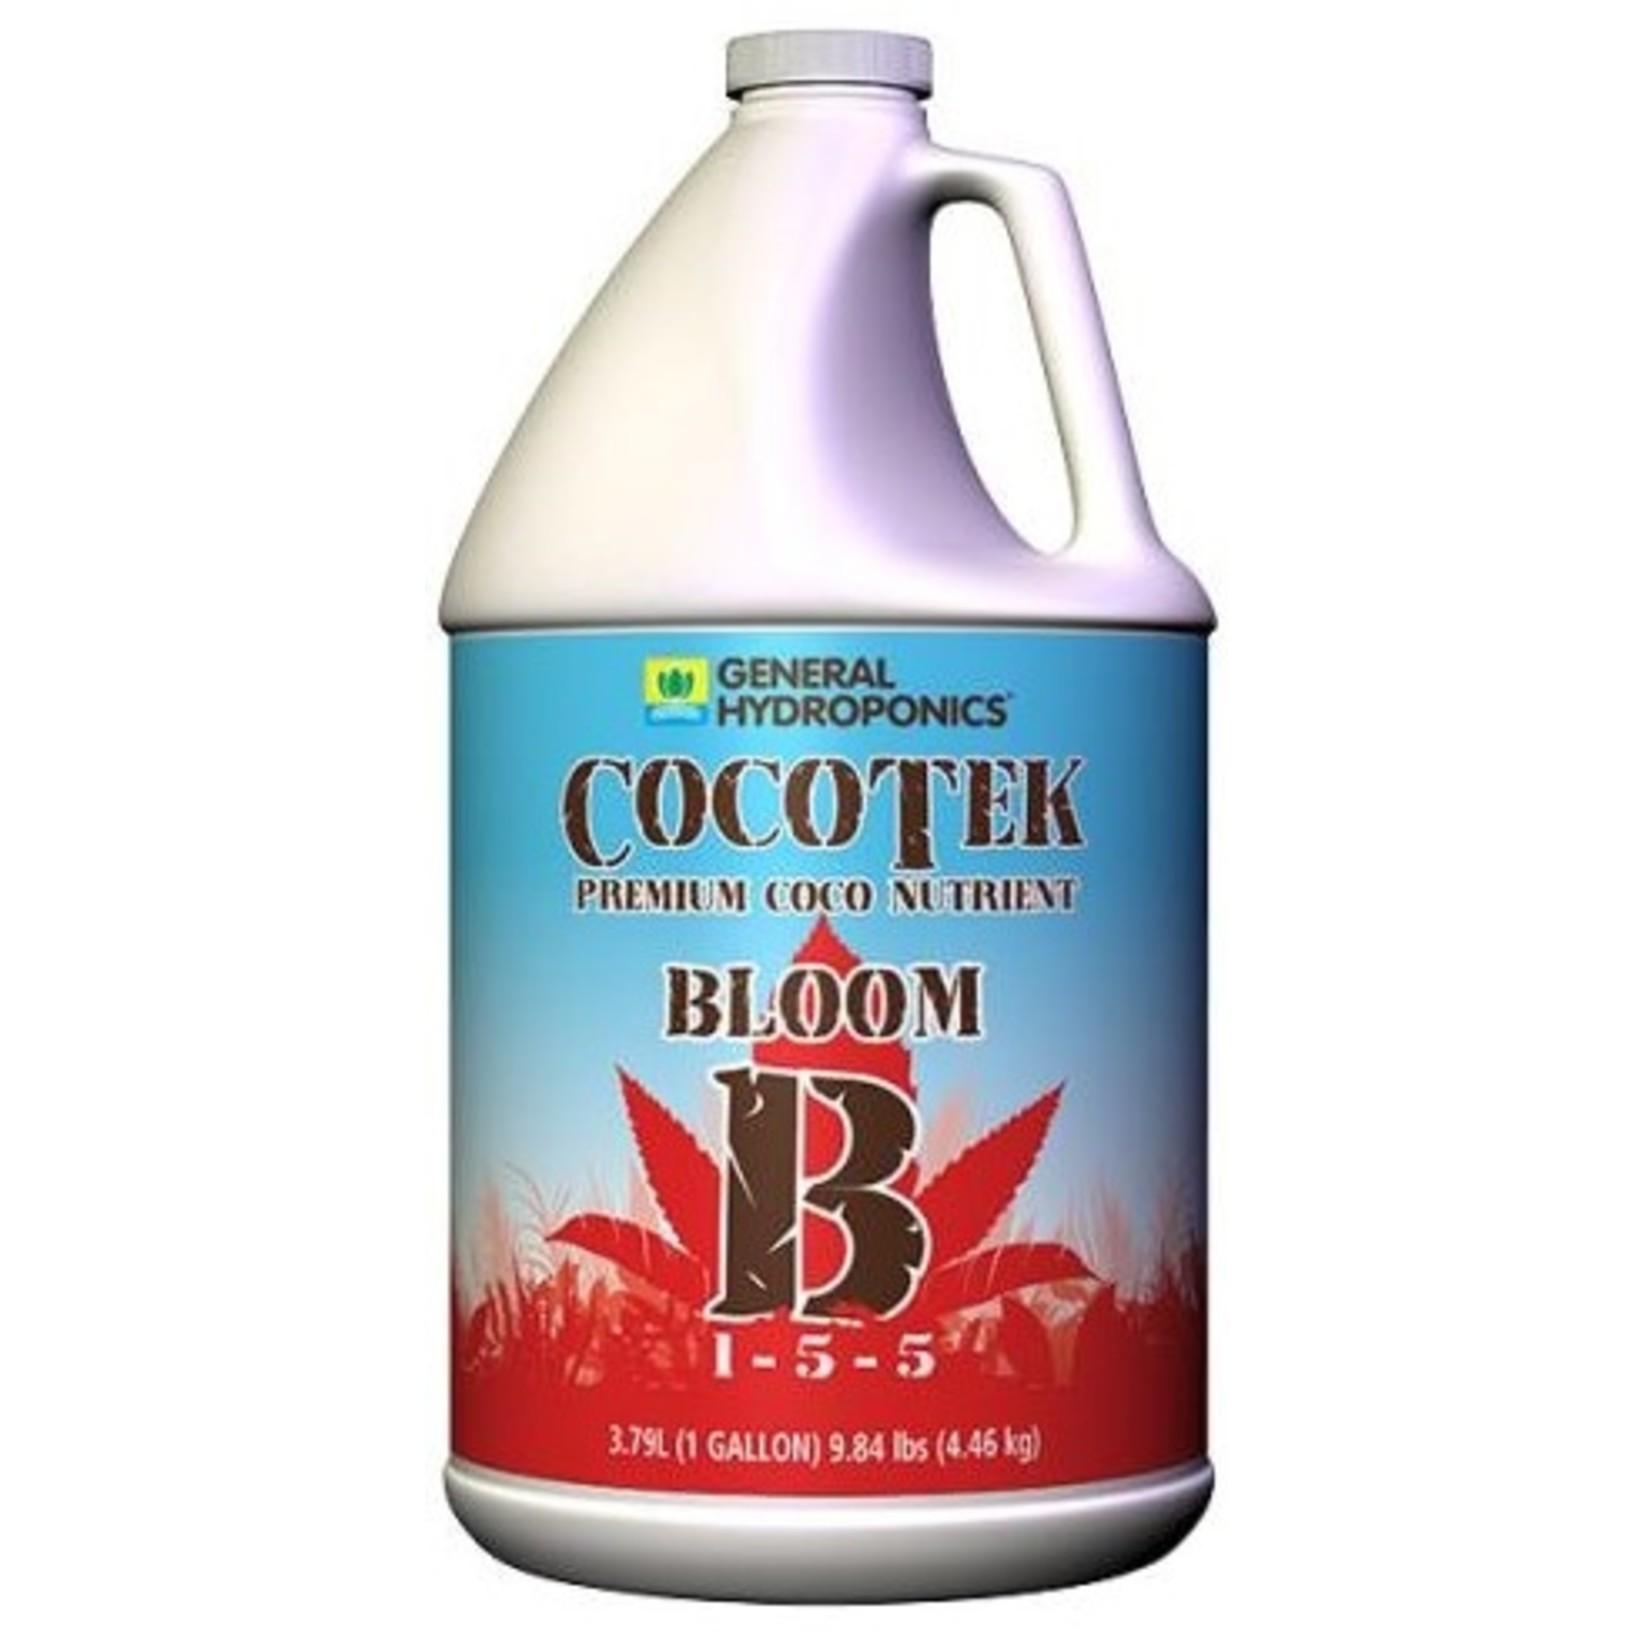 General Hydroponics COCOTEK BLOOM B 4L